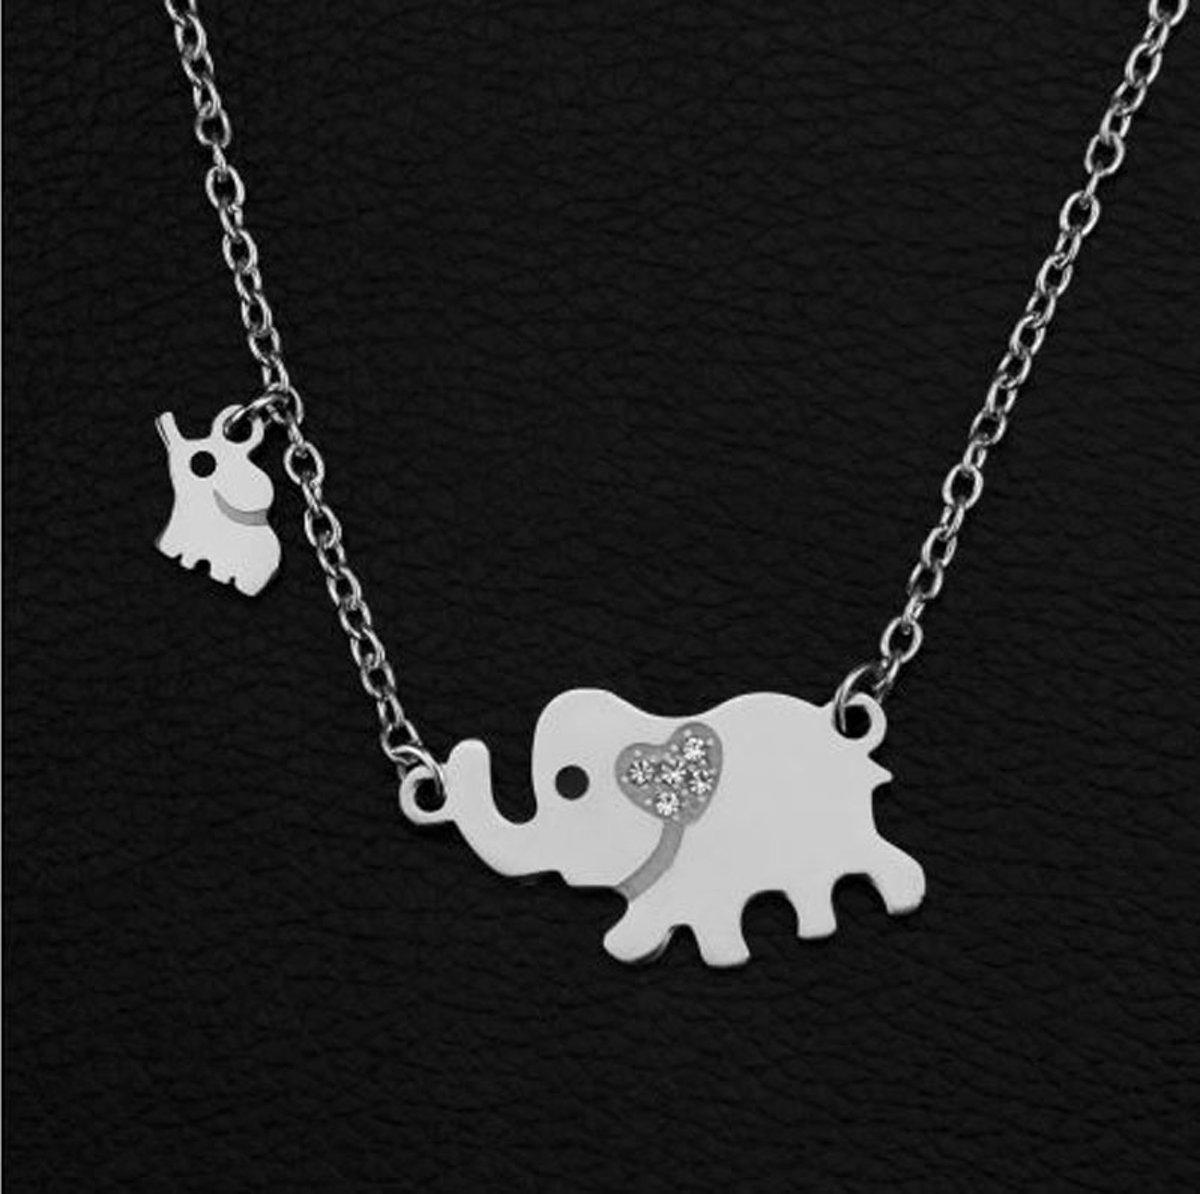 Stalen ketting met moeder olifant en 1 baby olifantje - cadeau voor moeder - geschenk mama kopen